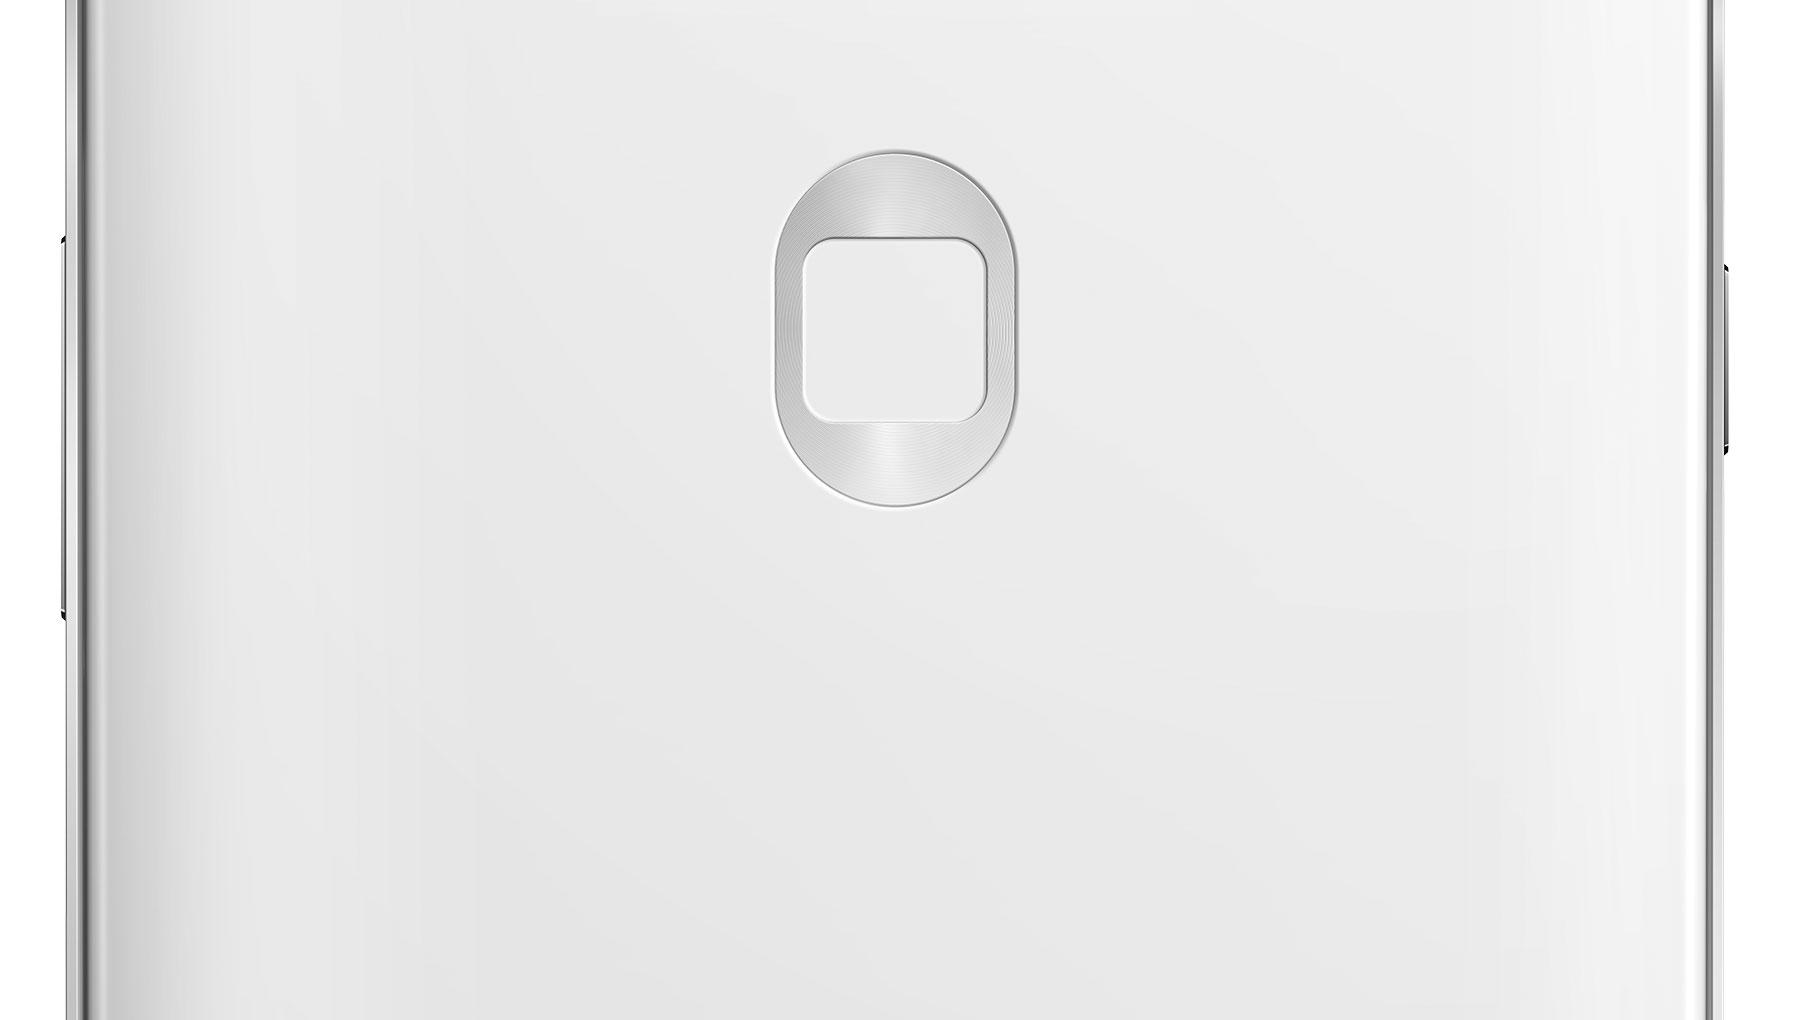 OPPO N3  Segalanya di Ujung jari<br />dengan Akses Sentuh